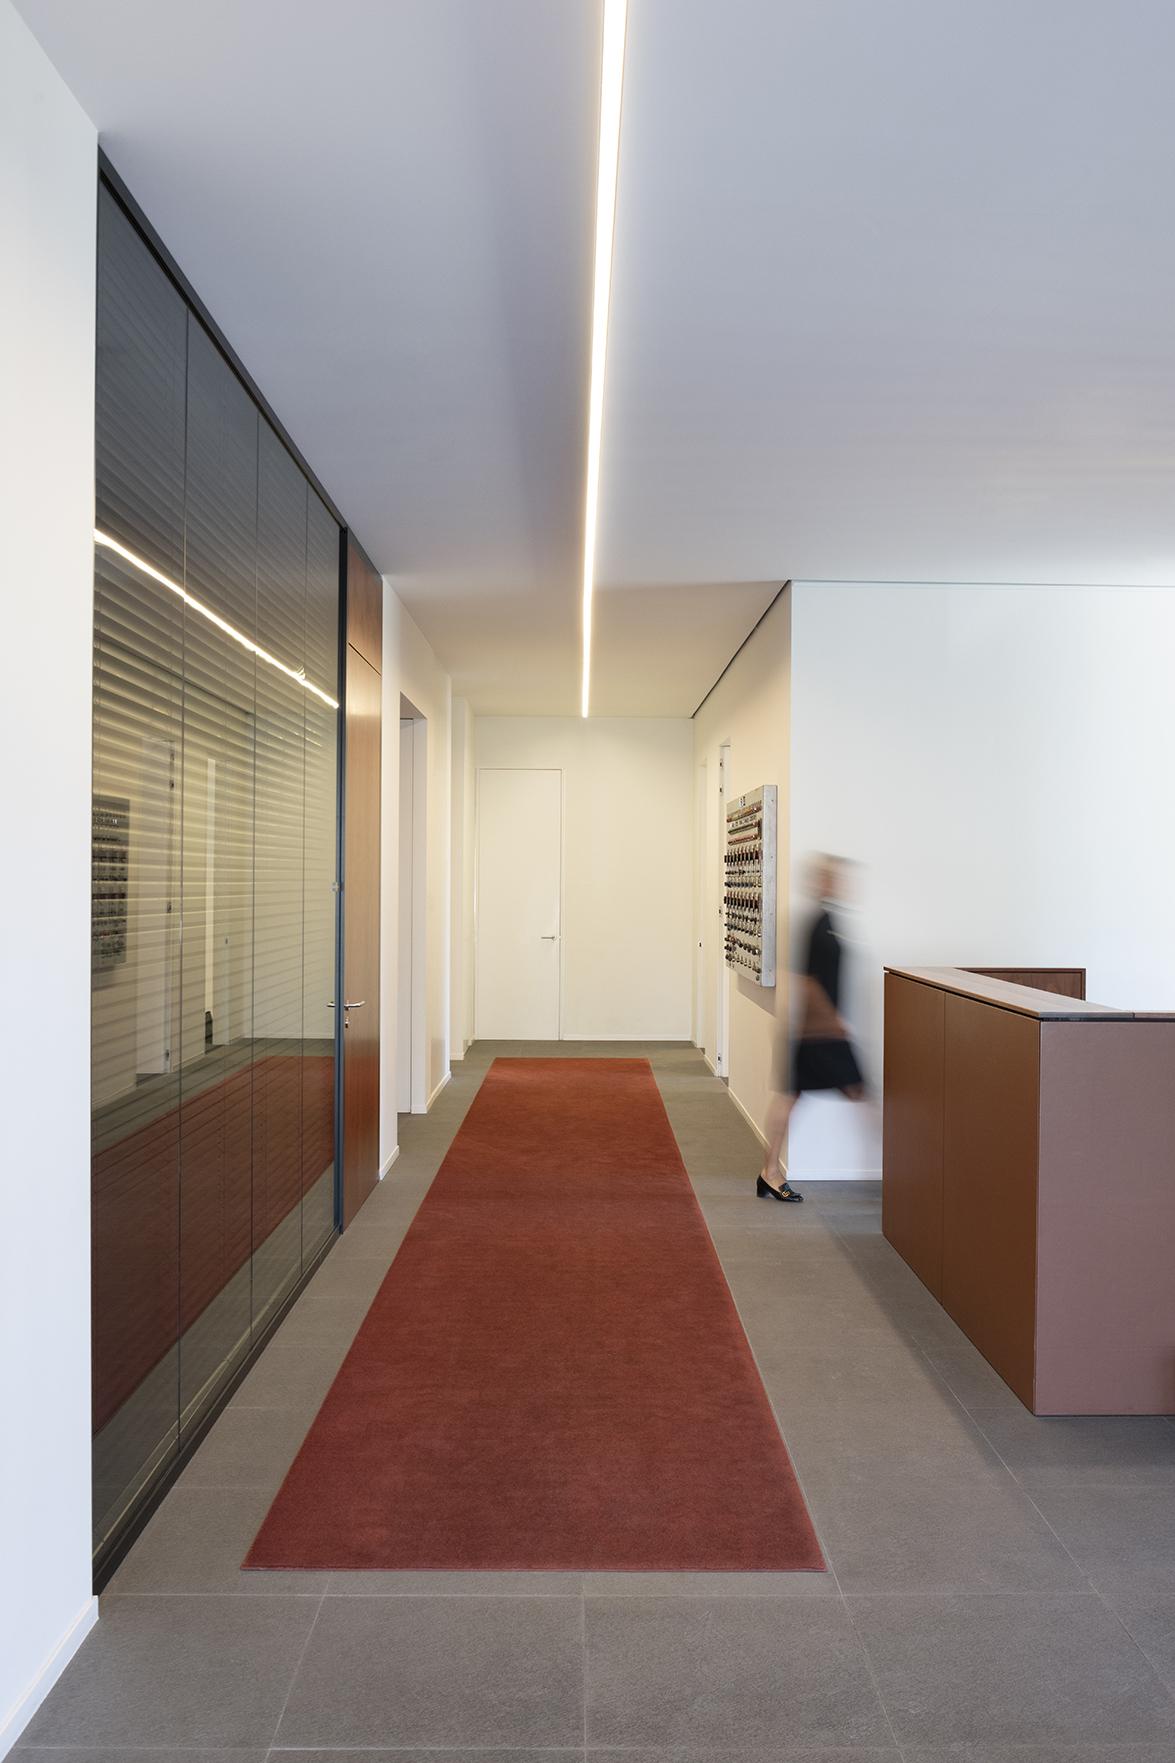 Innovaci n en interiorismo con u profile una cornisa de iluminaci n en forma de u dise ada por - Cornisa para led ...